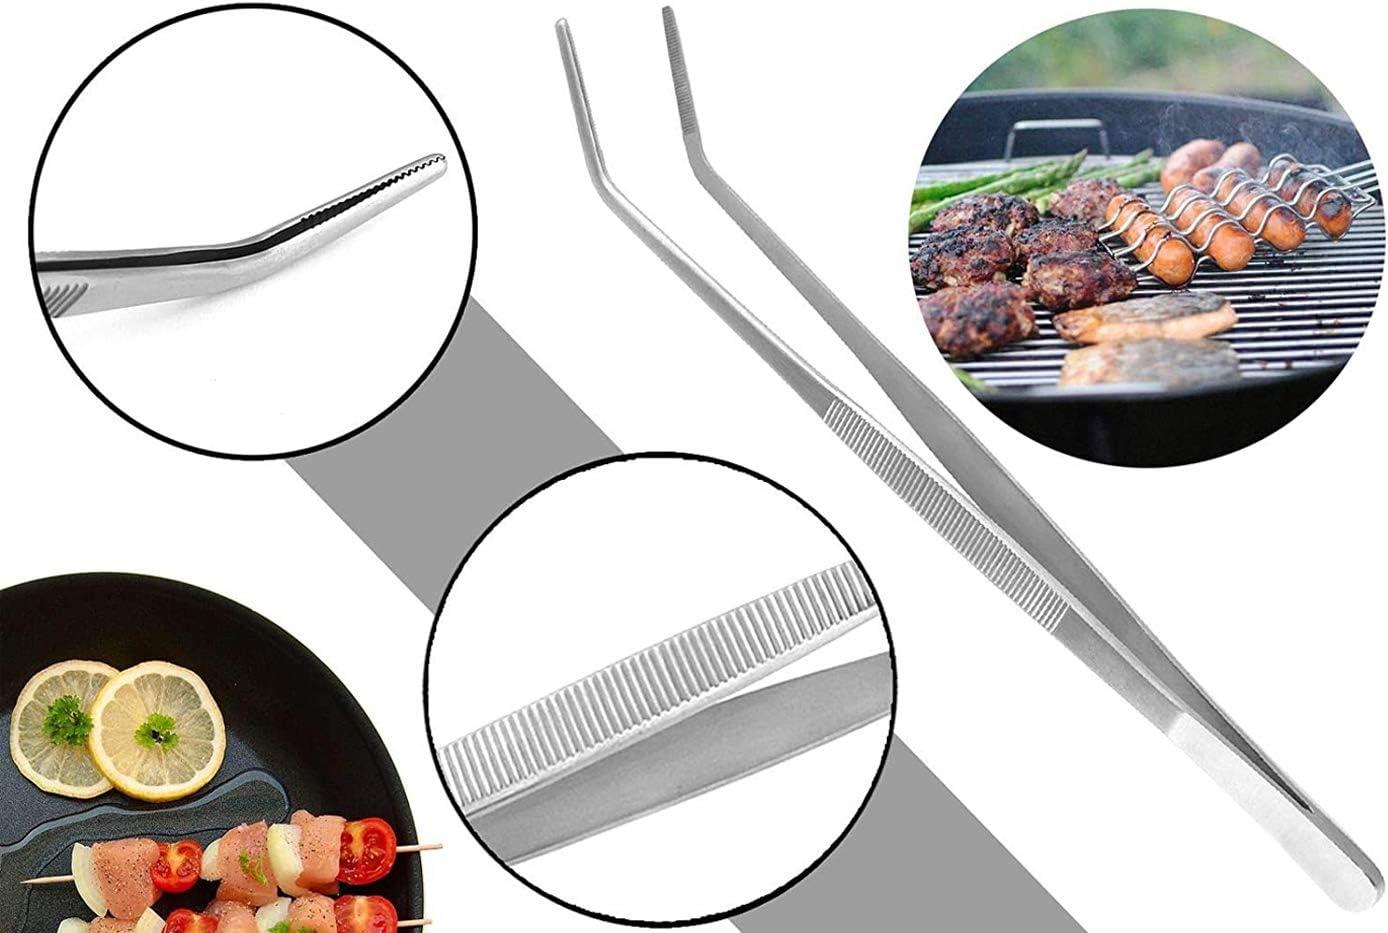 Pinzas de Codo de Barbacoa de Acero Inoxidable 304 de 30 cm de Largo alicates de Barbacoa multifunci/ón Pinzas de Cocina Profesionales Pinzas de Comida de Mango Largo